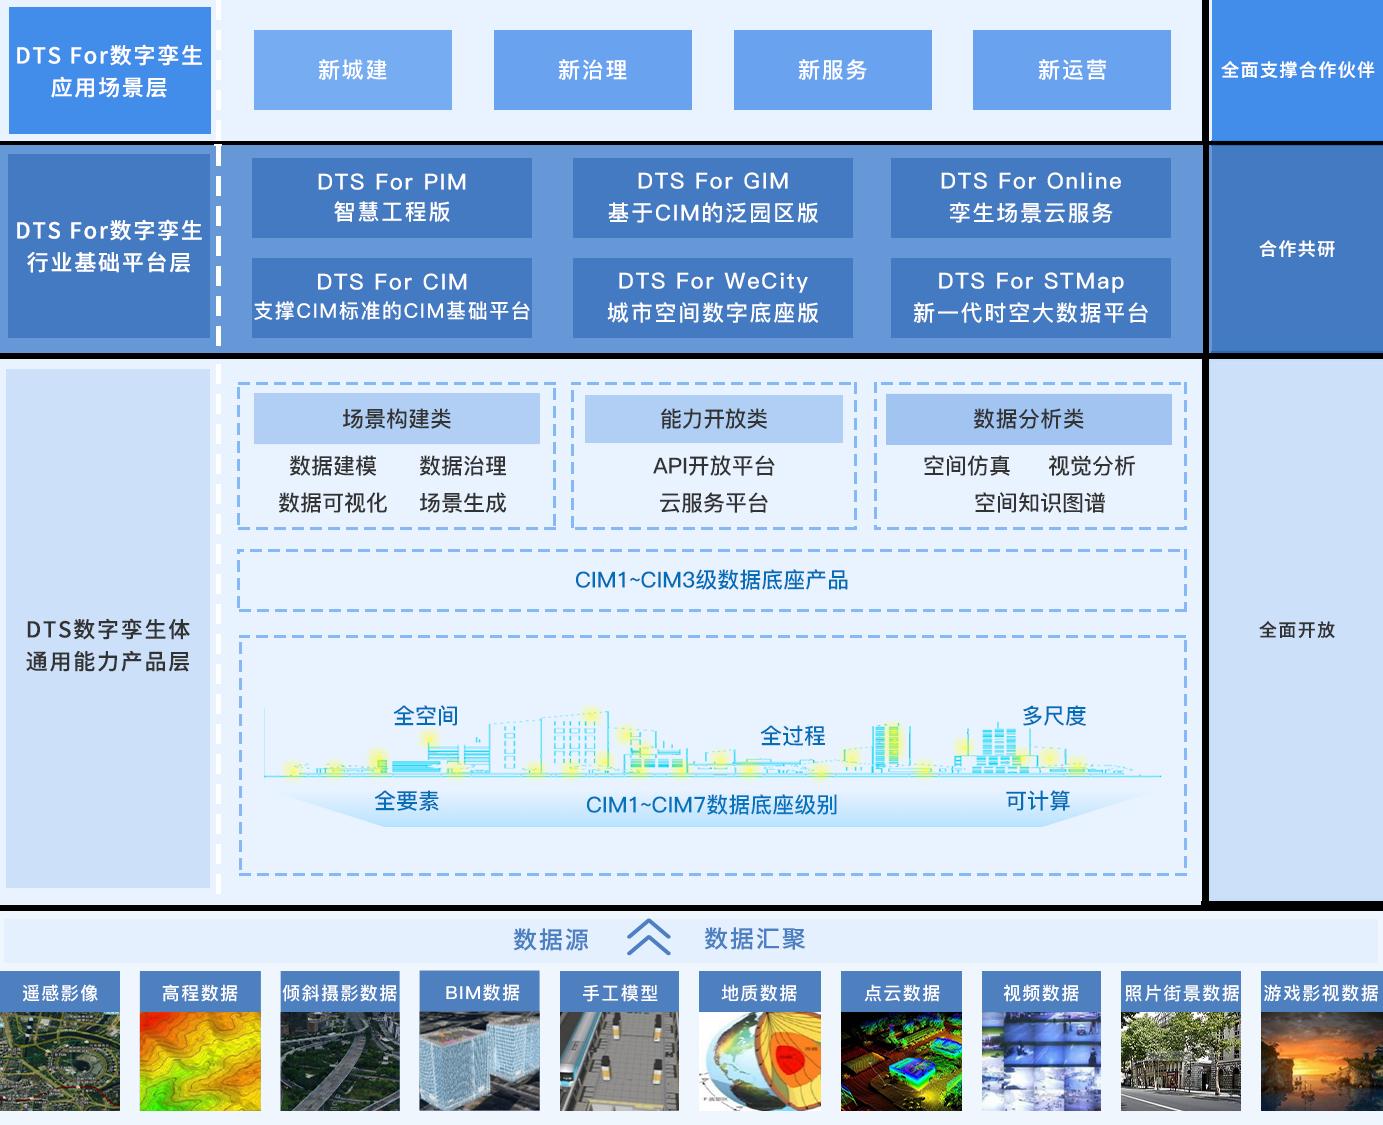 聚焦数字孪生业务,腾讯生态企业「飞渡科技」打造数字孪生CIM平台